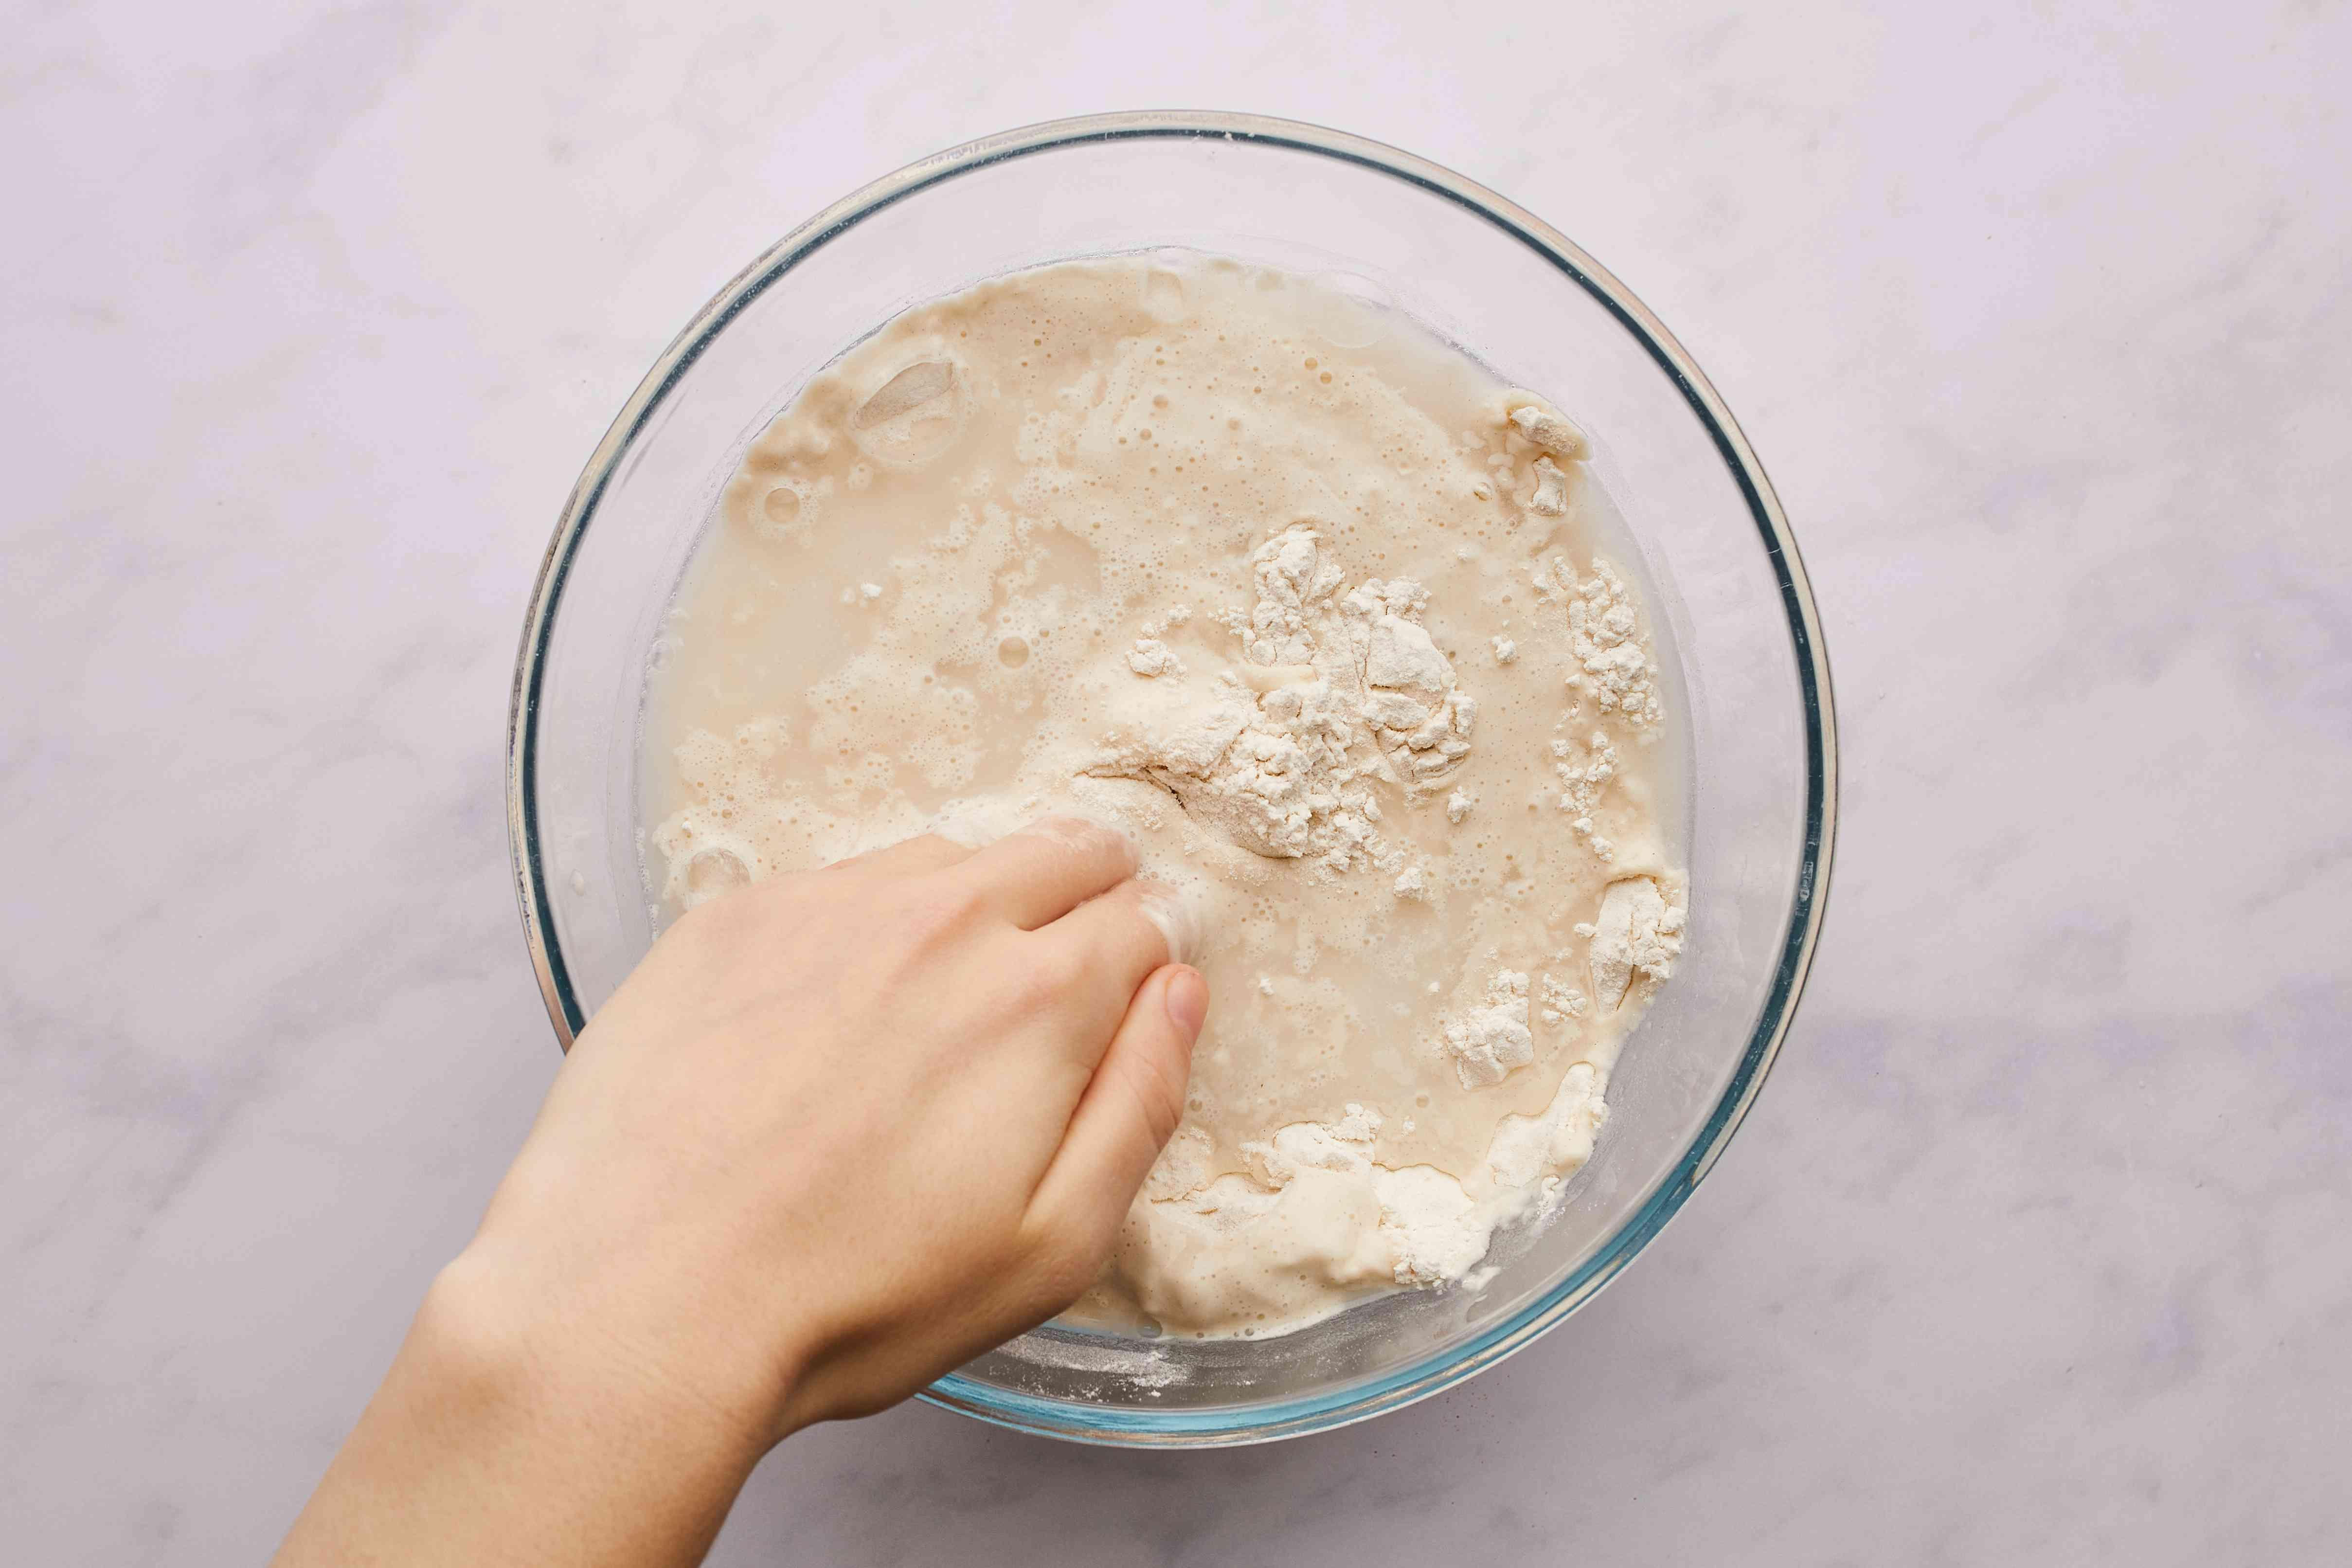 mix ingredients in large bowl